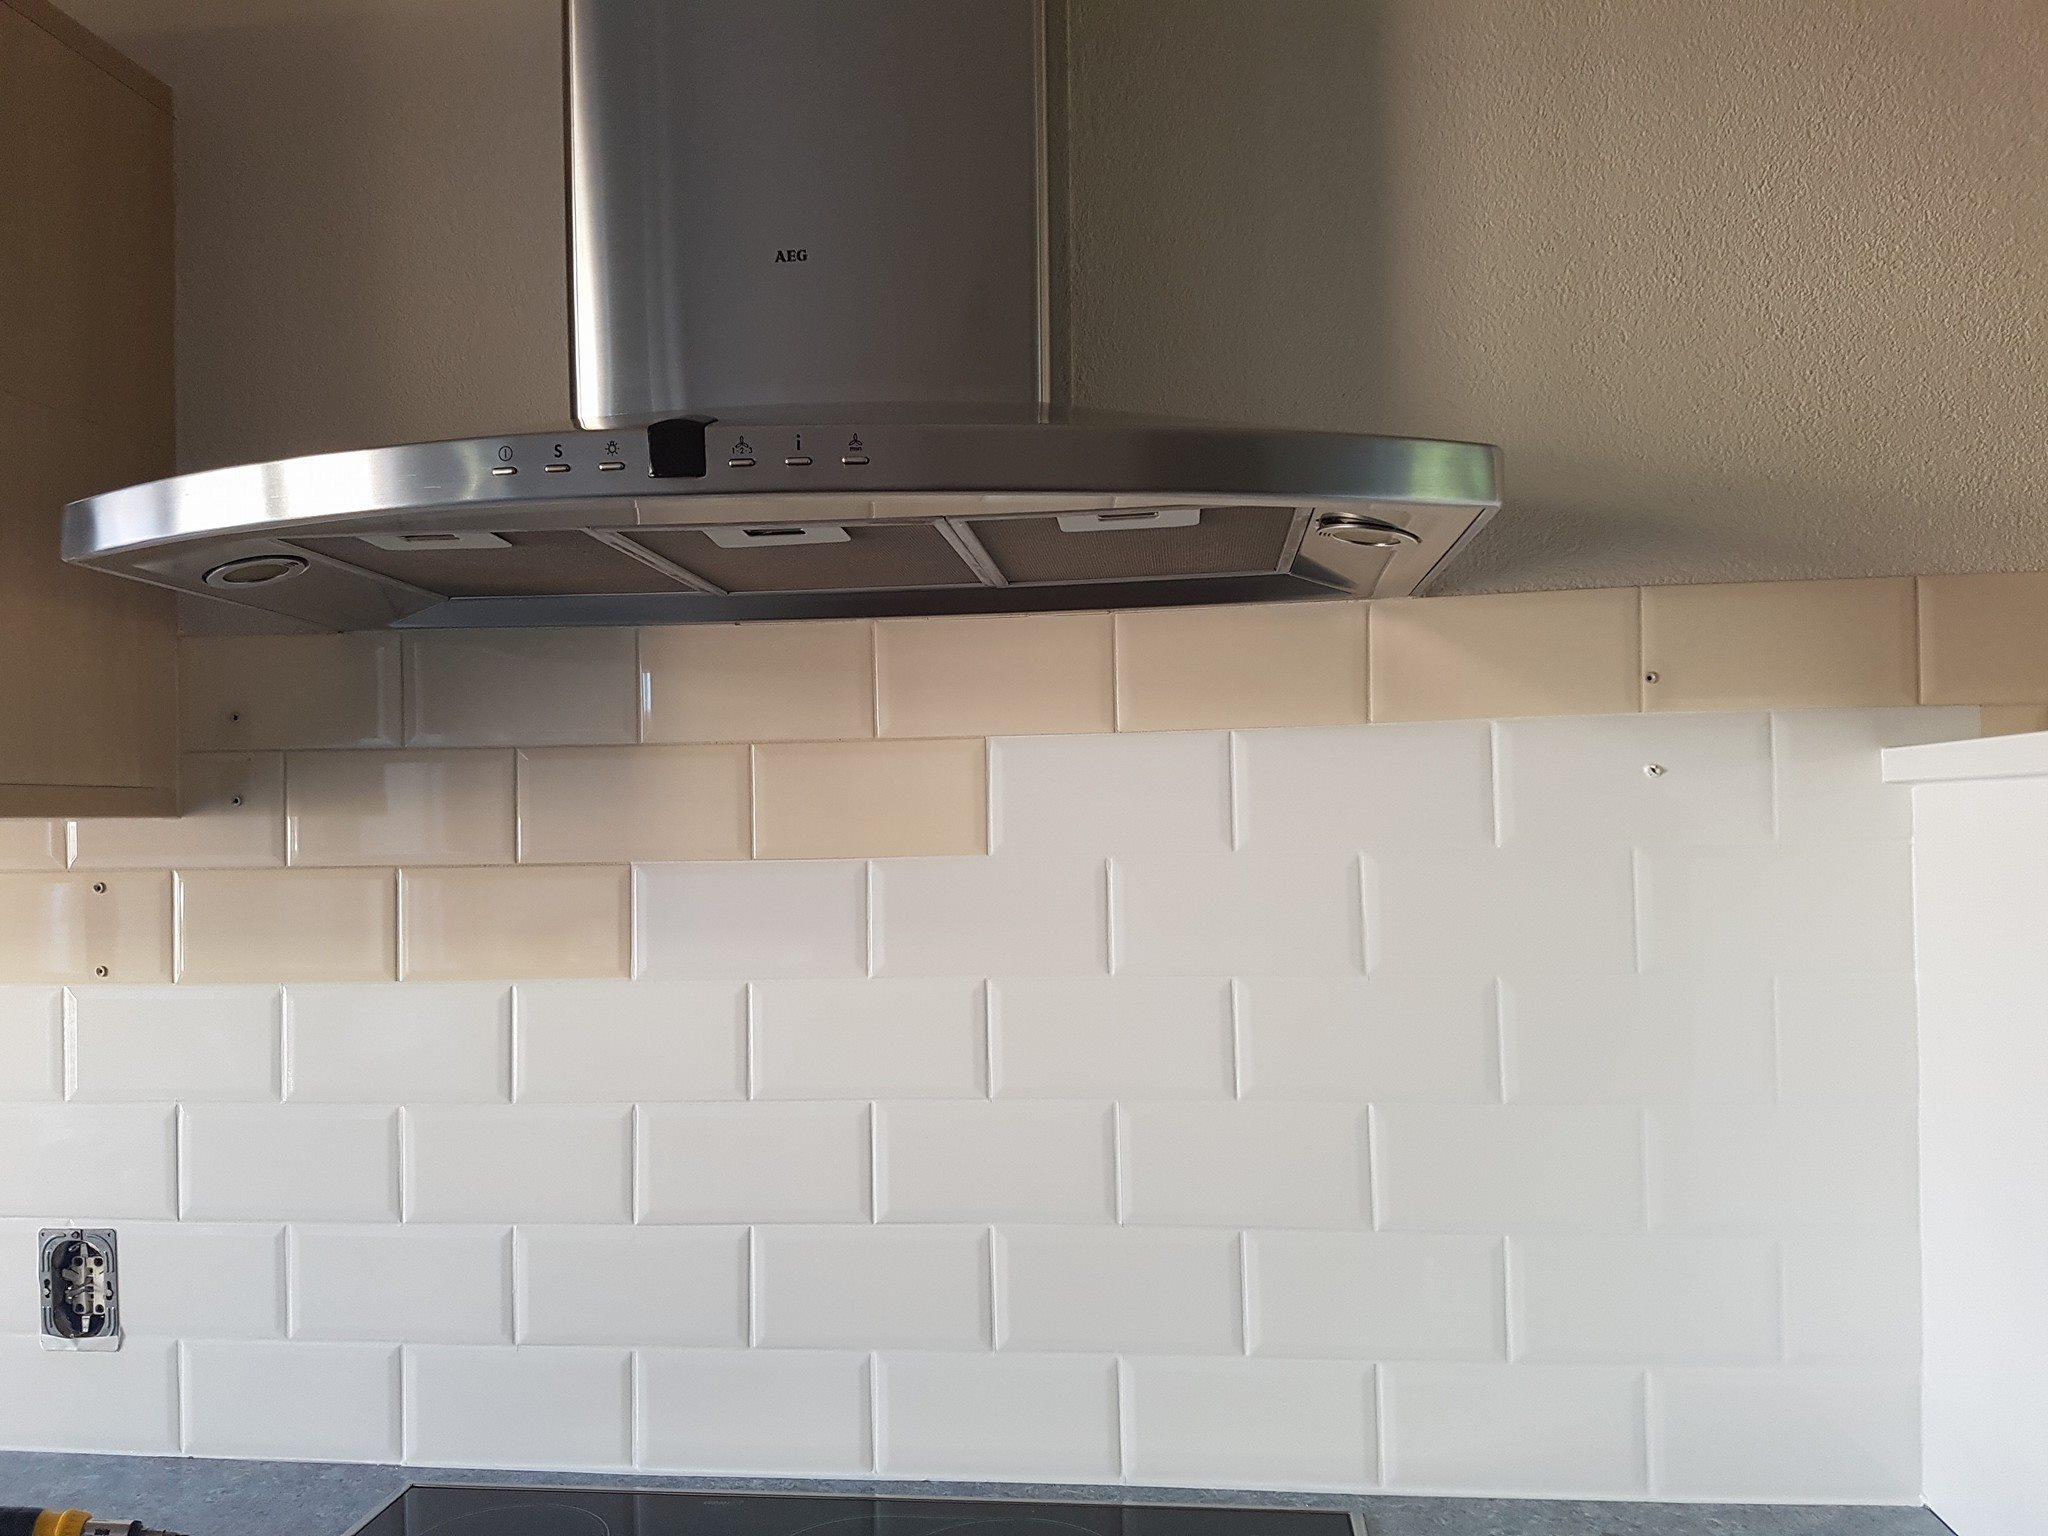 keuken tegels wit : Tegels En Achterwanden